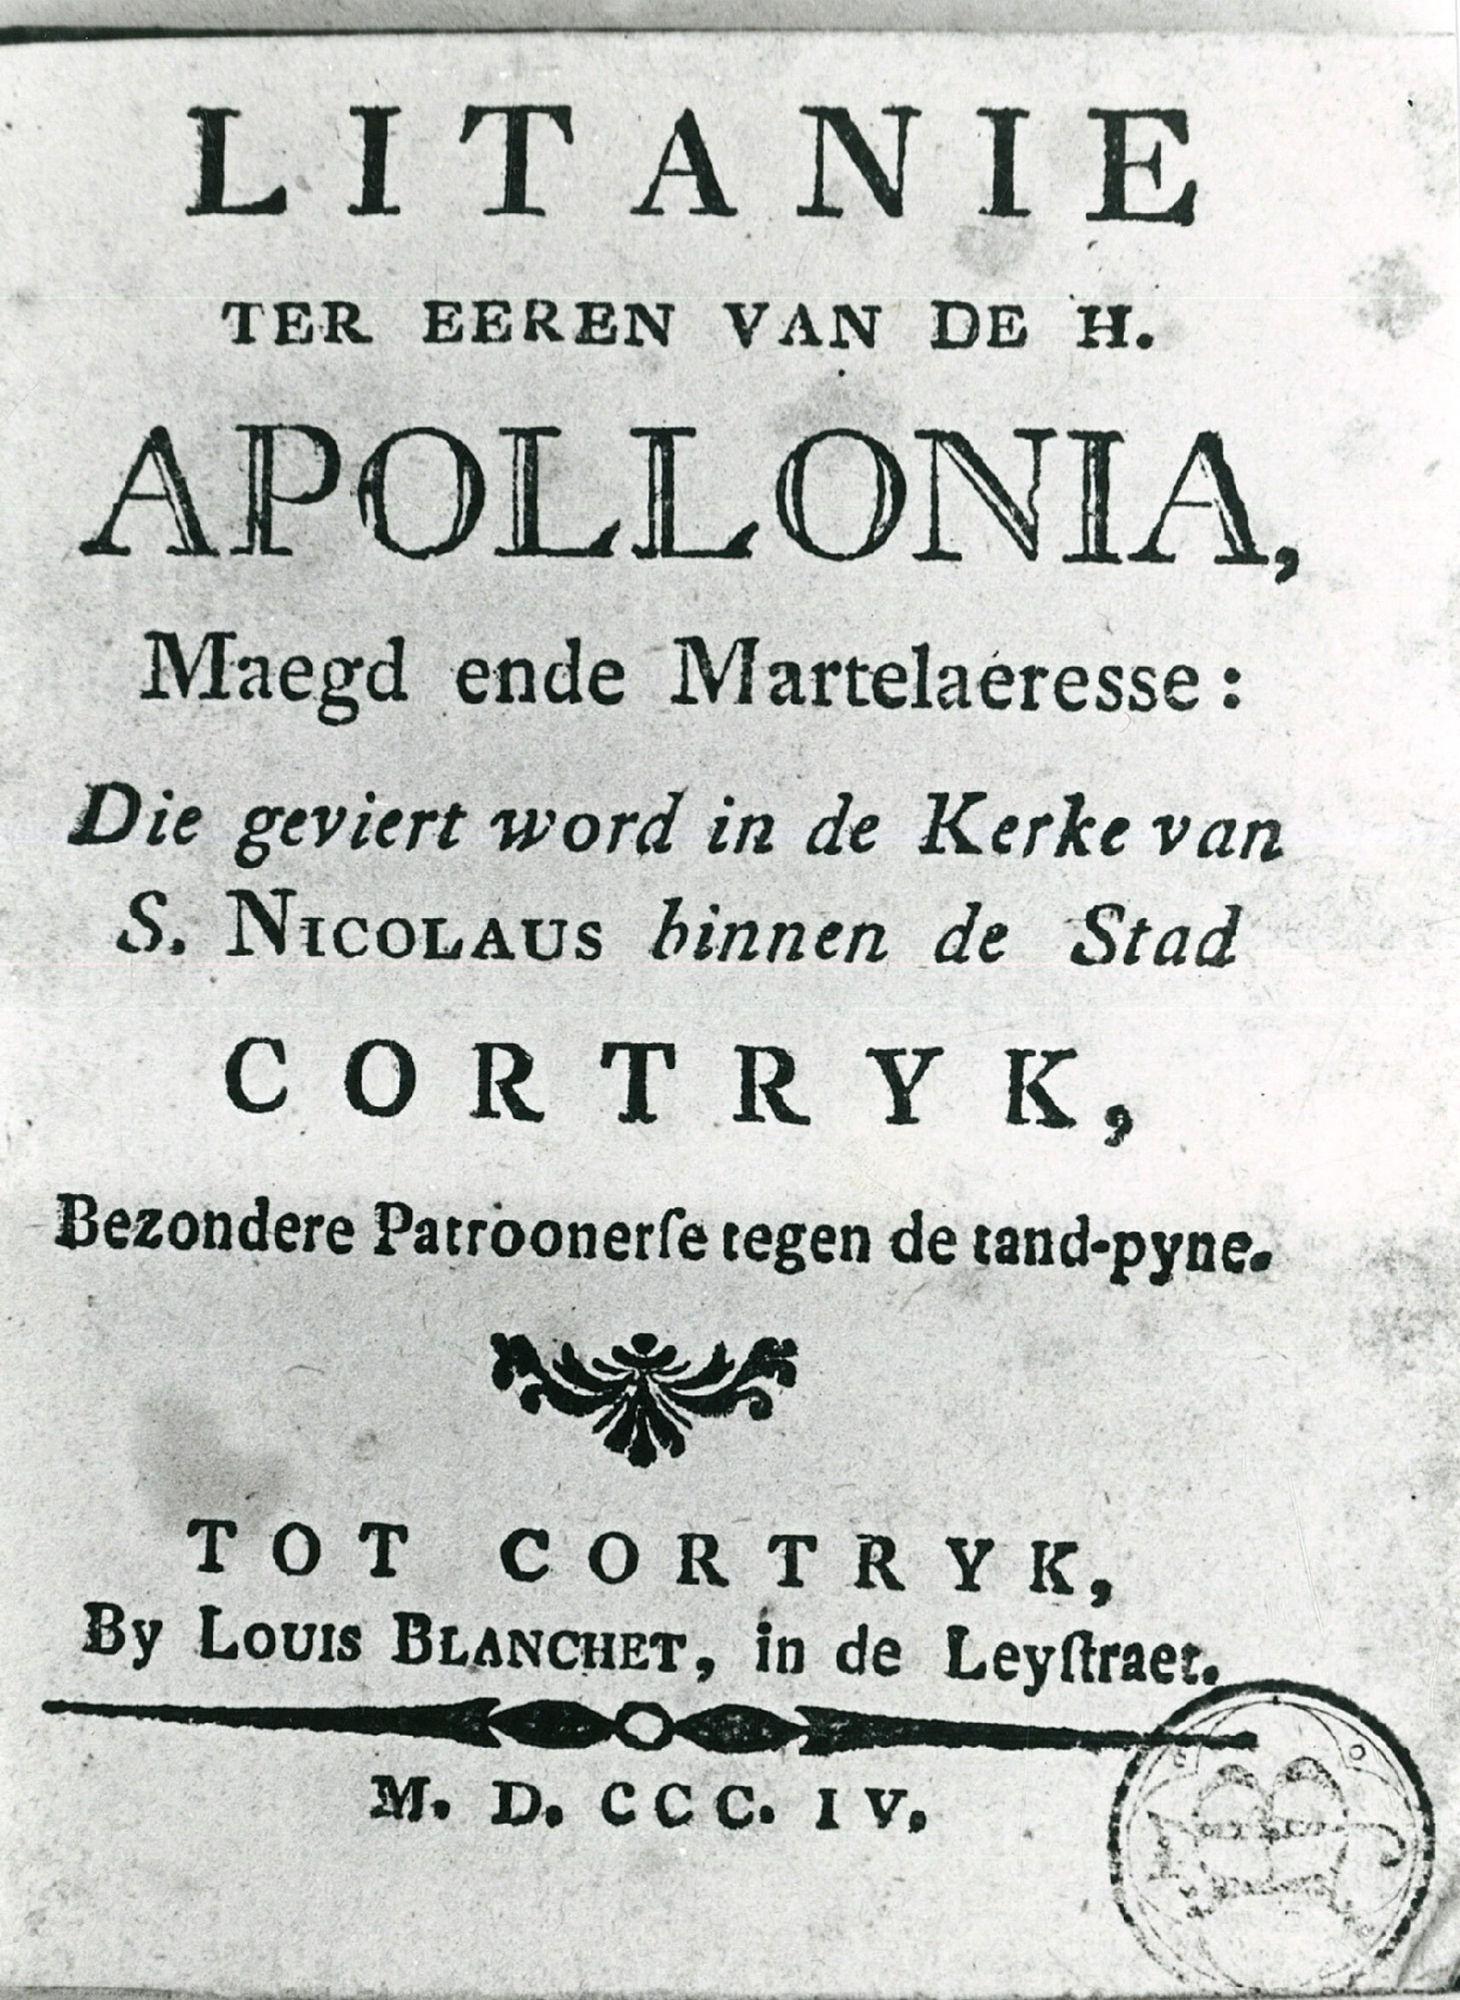 Titelblad van boekje Litanie Apollonia